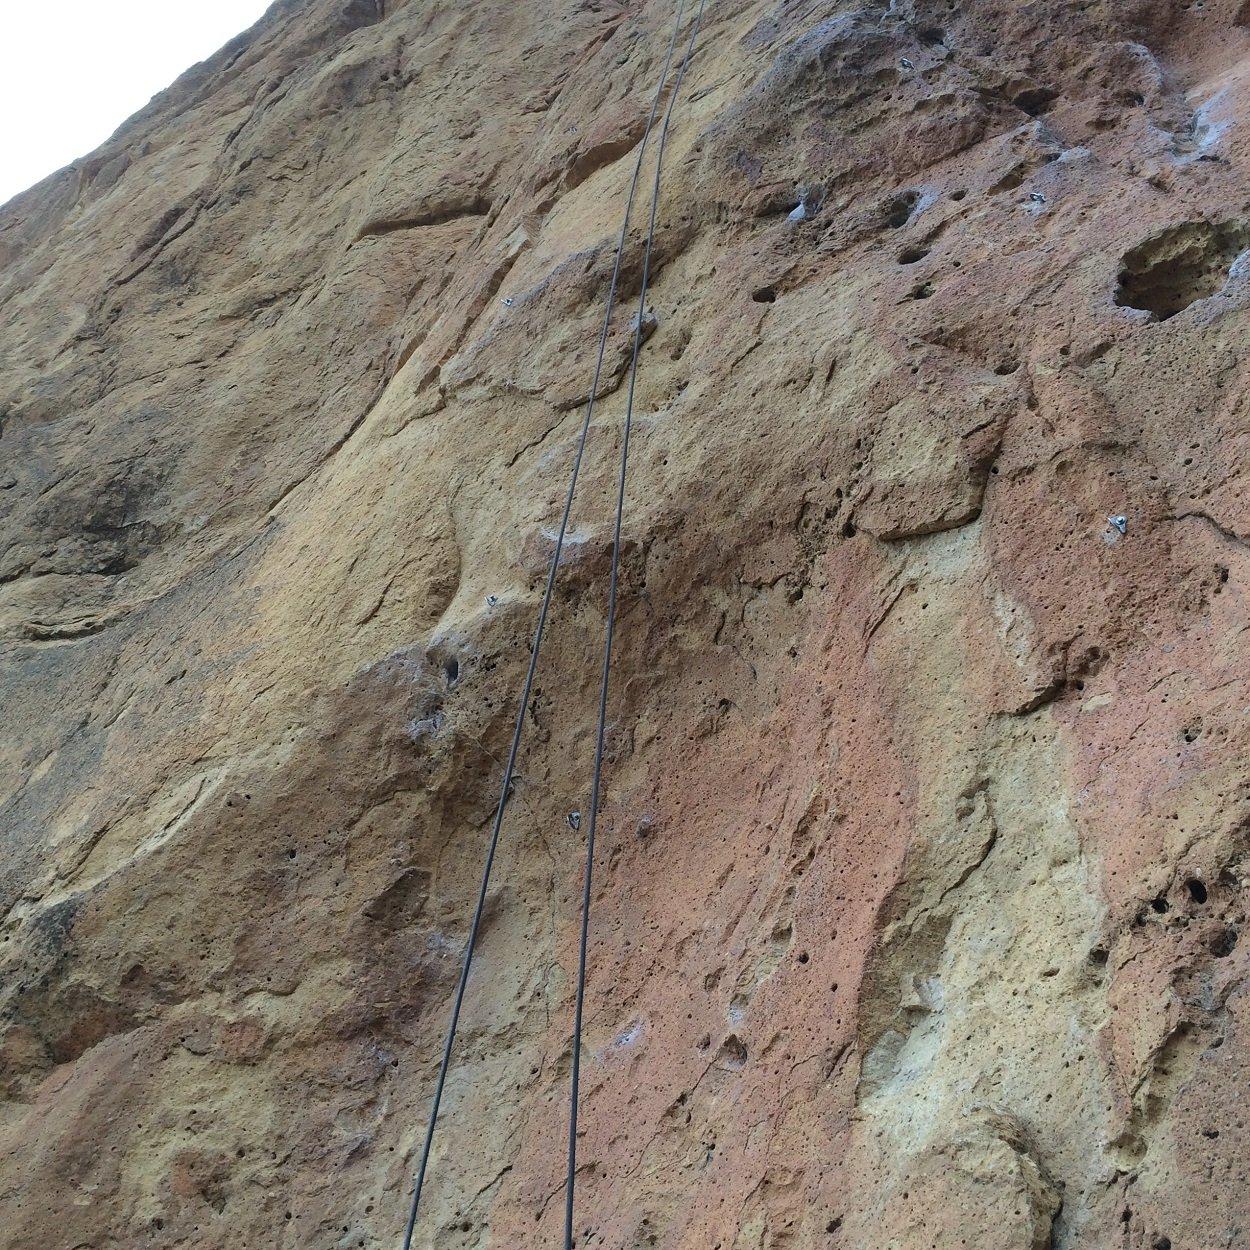 Marooned - Smith Rock Climbing